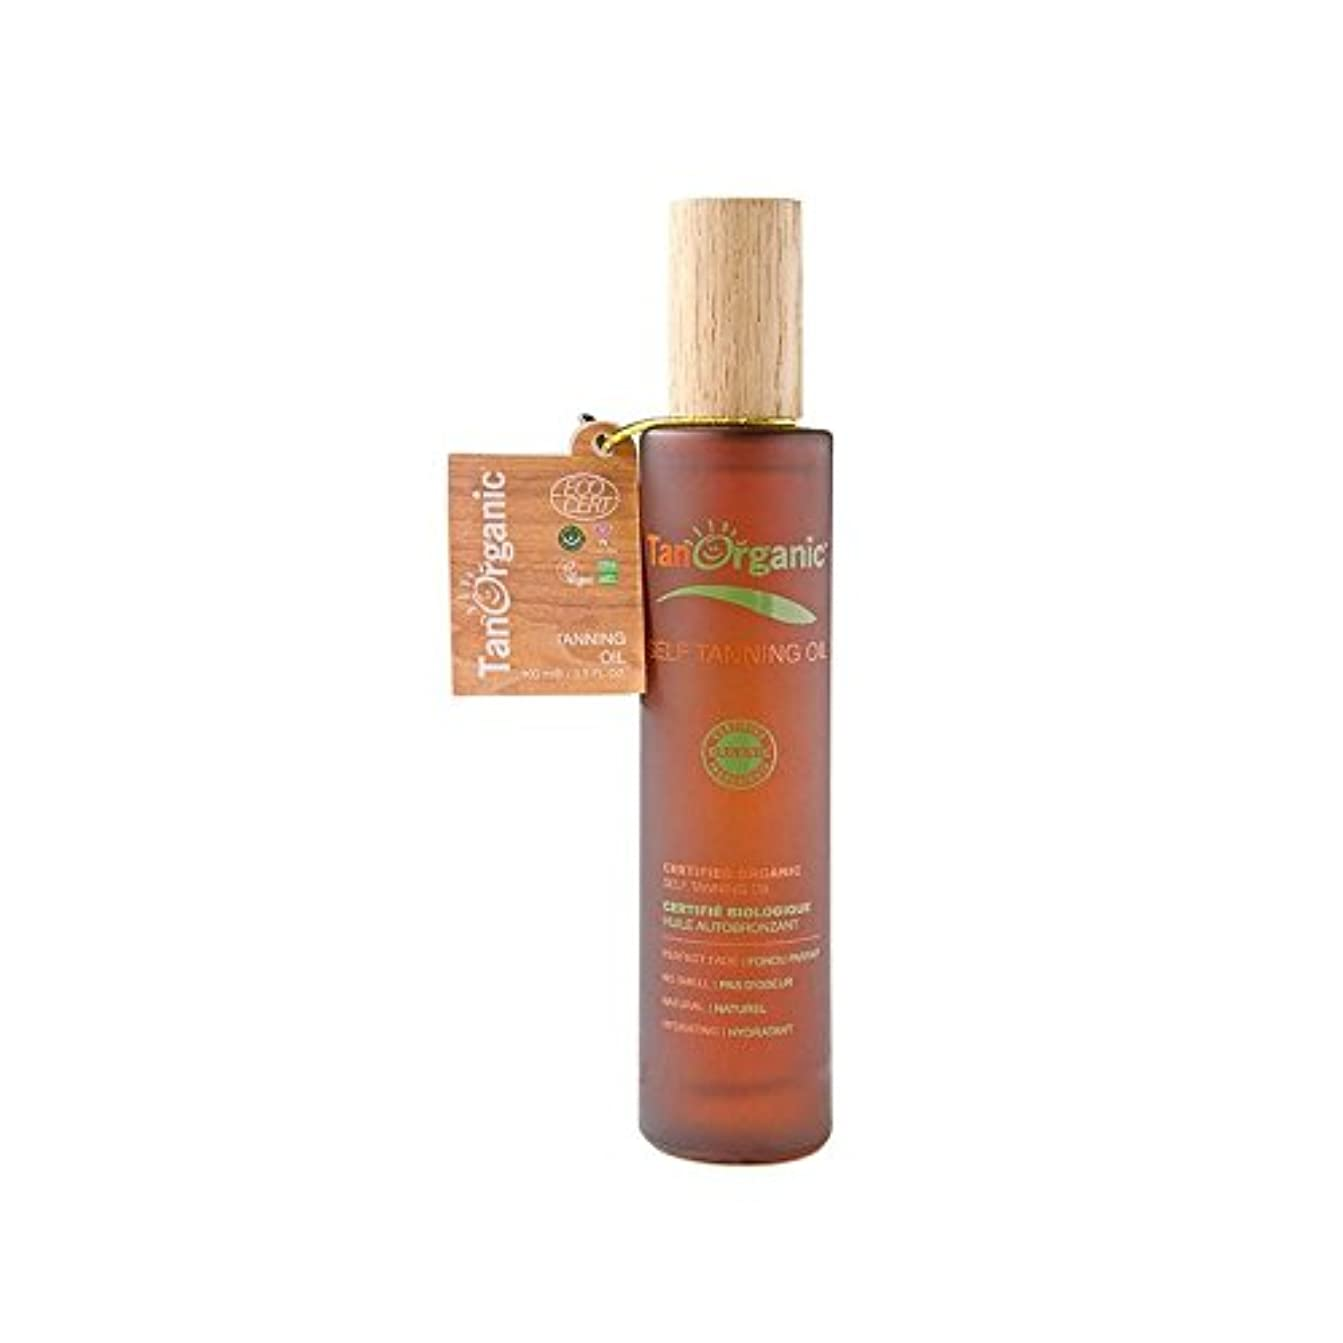 力強い広告するバーTanorganic自己日焼け顔&ボディオイル (Tan Organic) - TanOrganic Self-Tan Face & Body Oil [並行輸入品]